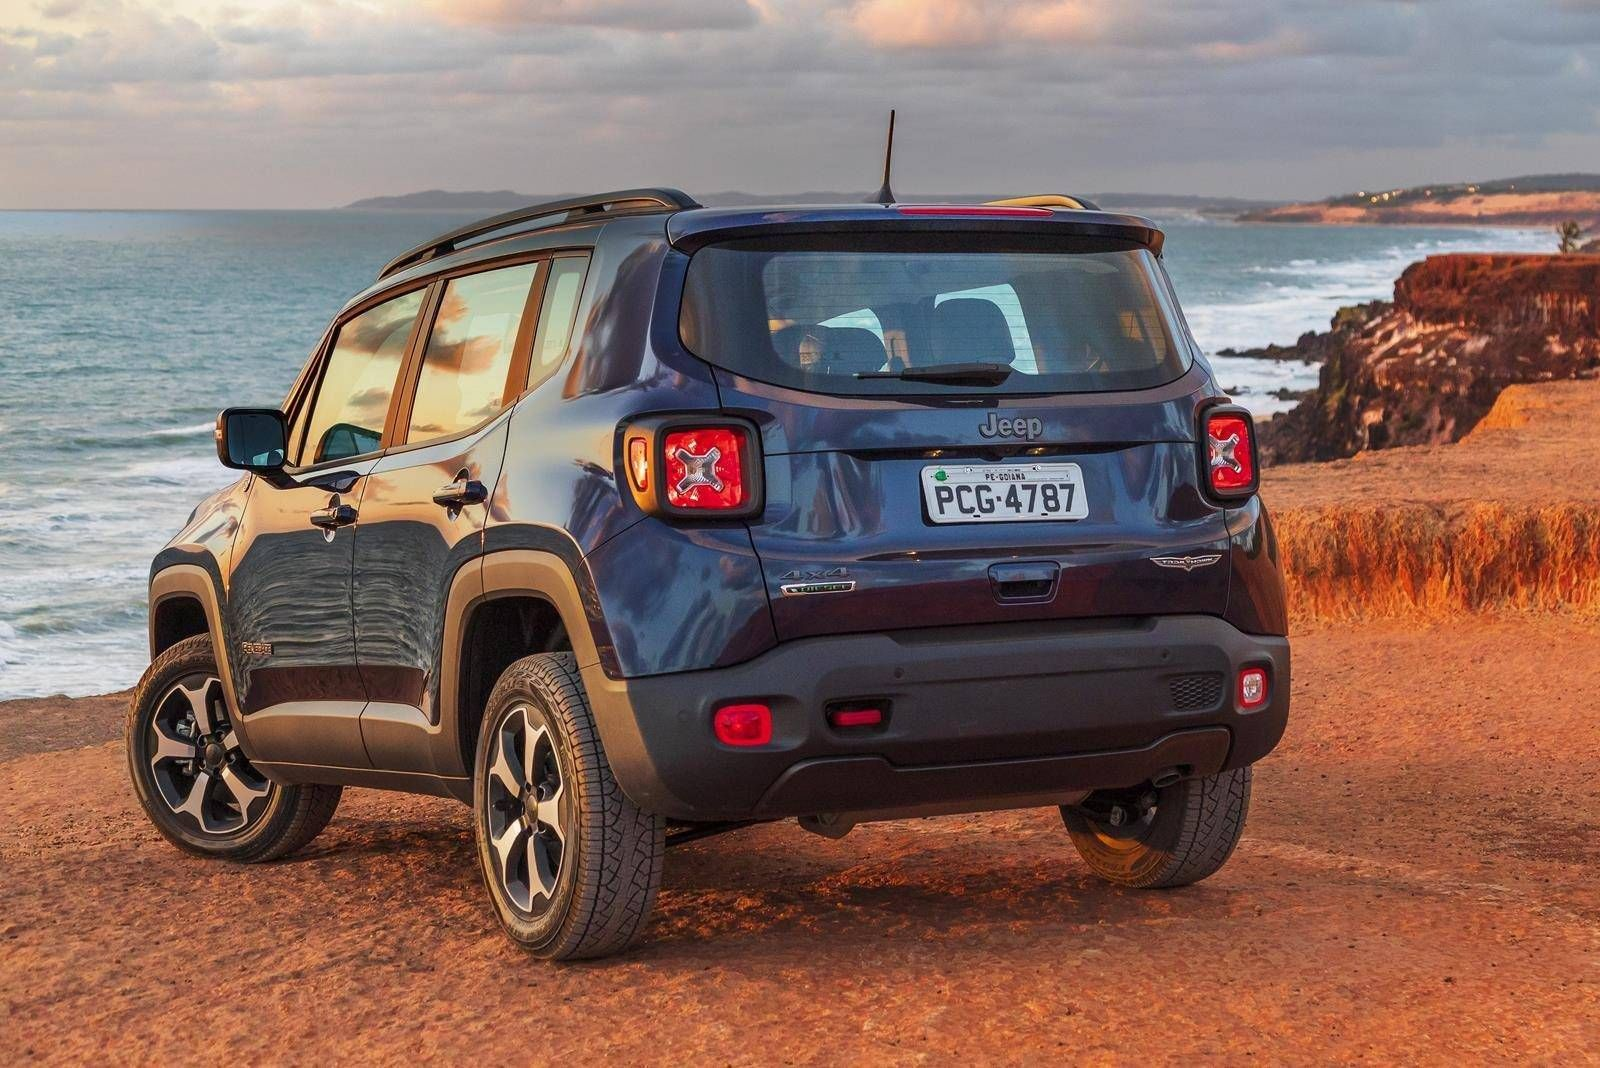 Recall Fca Convoca Quase 2 000 Jeep Renegade Por Risco De Freio